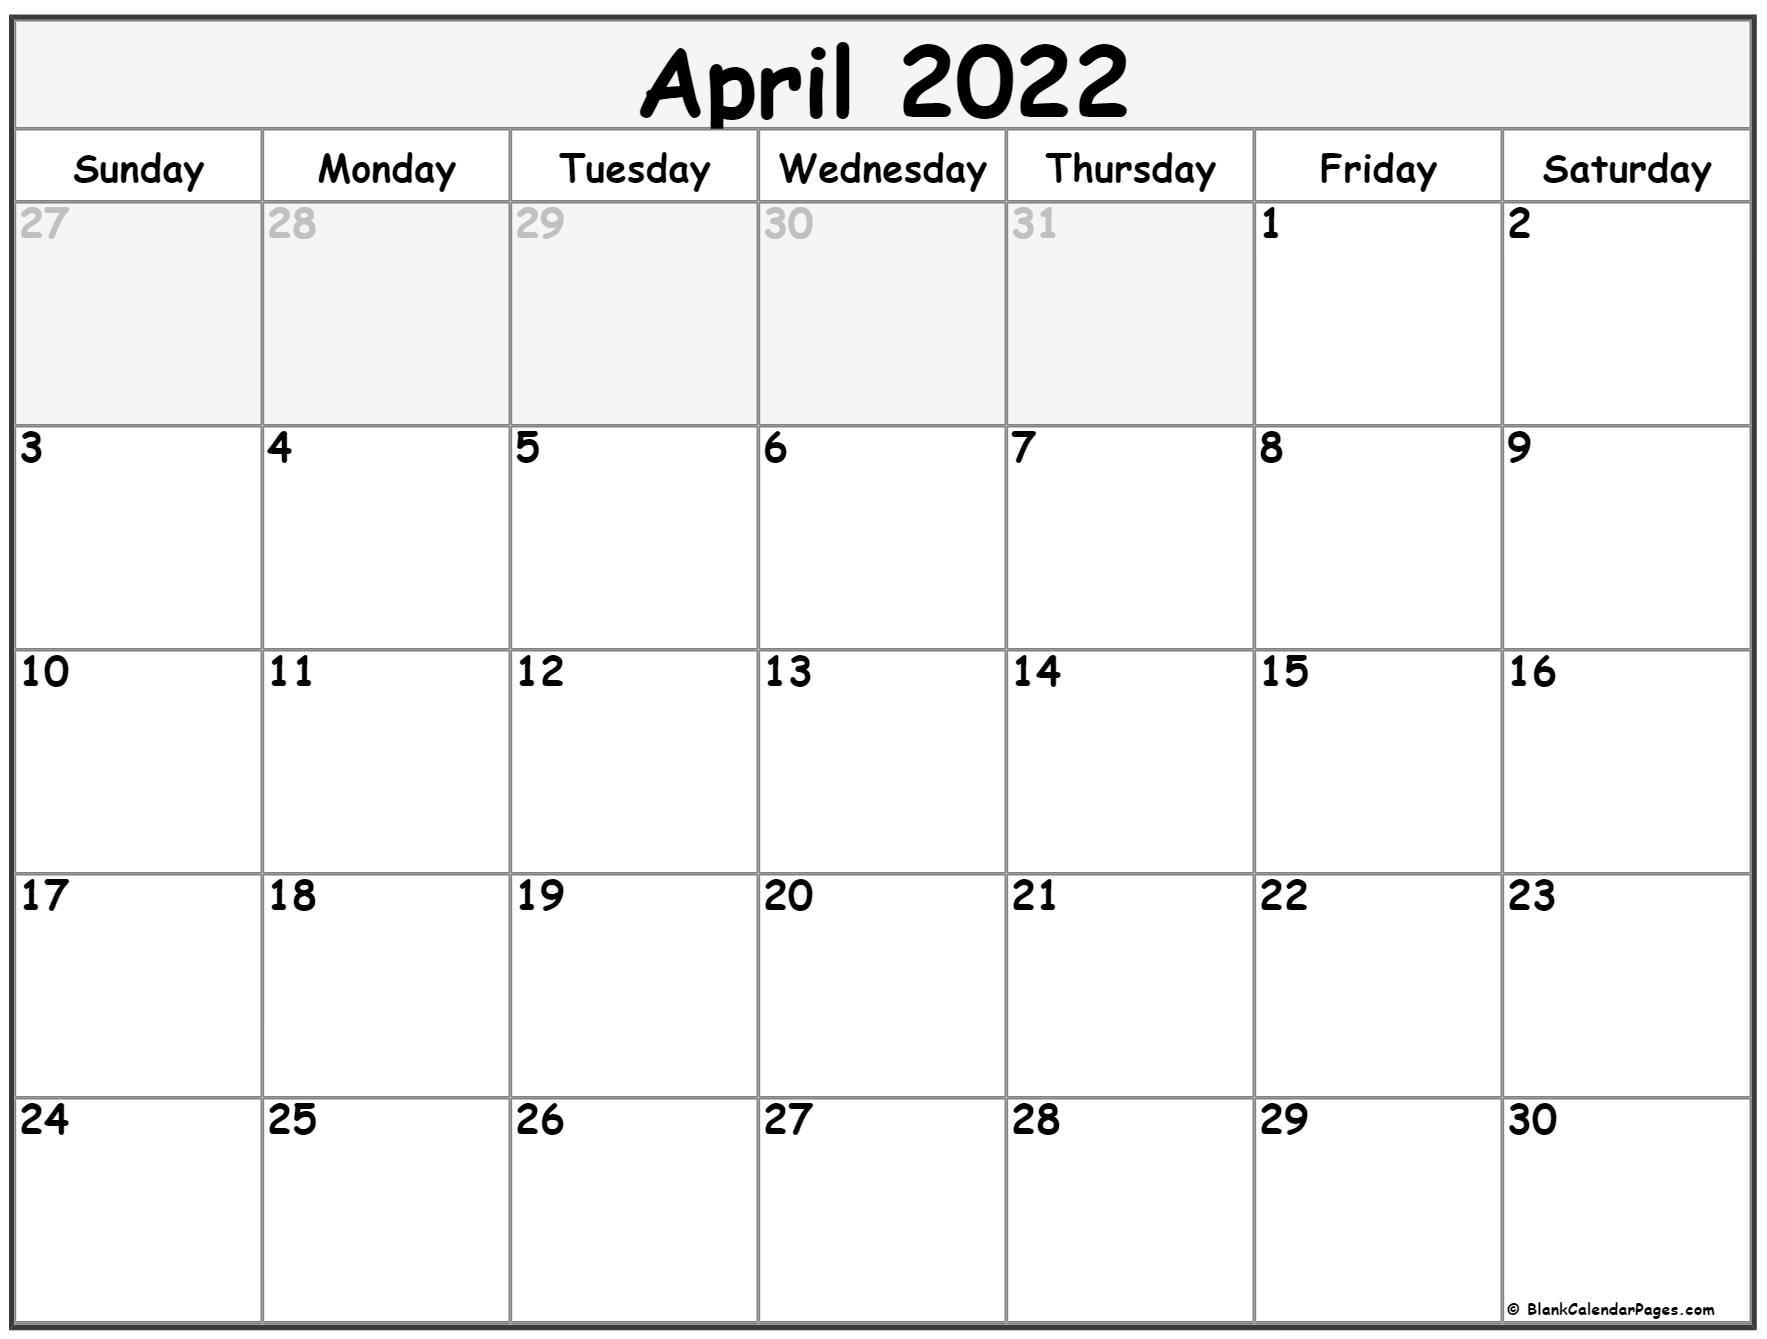 April 2022 Calendar | Free Printable Calendar Templates With March April May 2022 Calendar Print